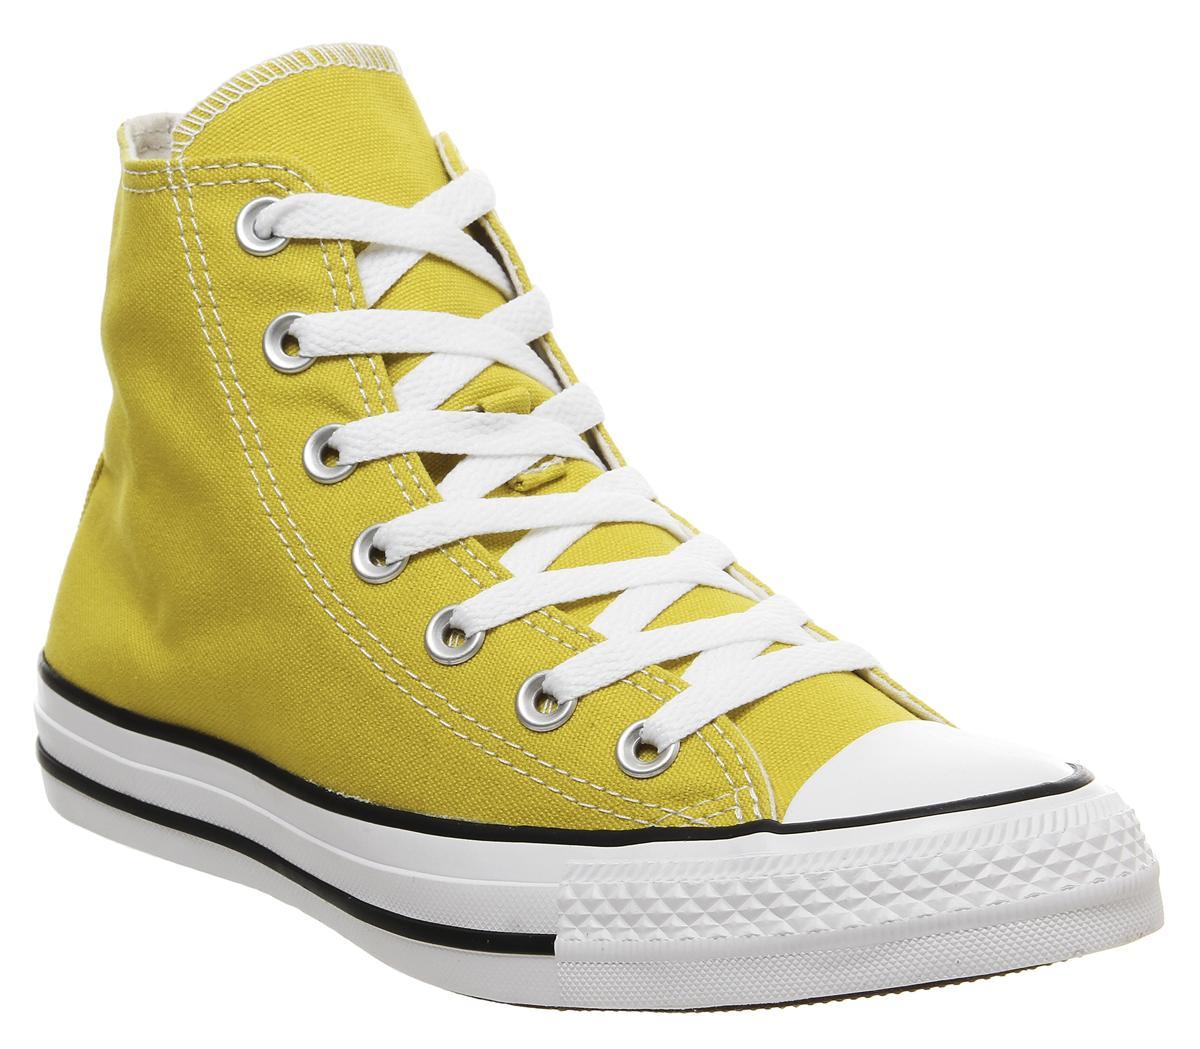 Unabux Sneaker Socken MULTI Doppelpack bunte Sterne und Streifen